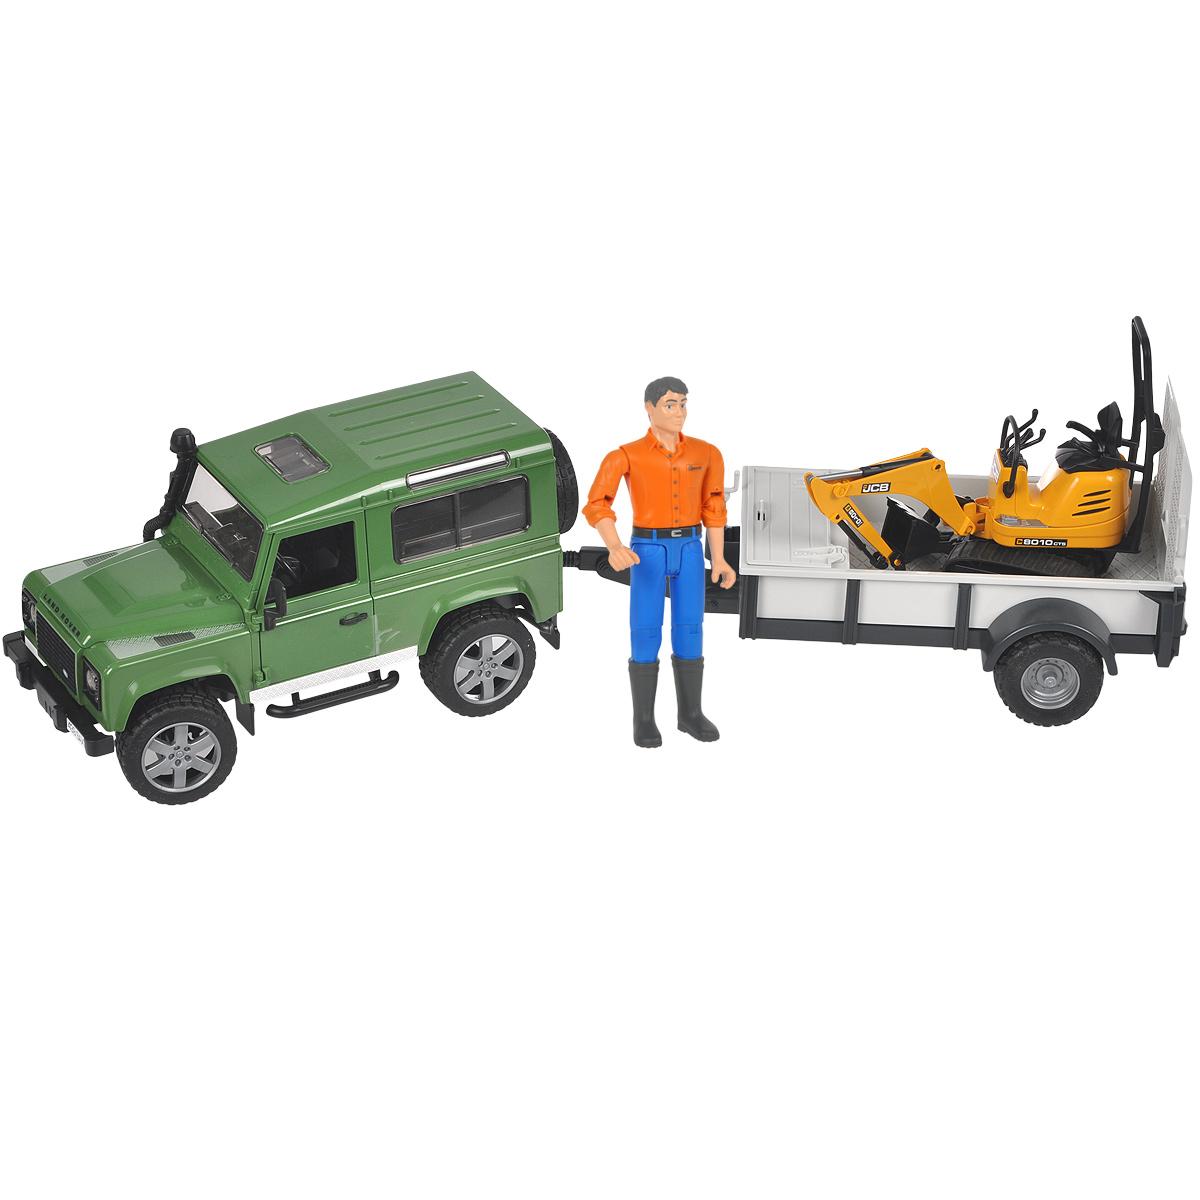 Bruder Внедорожник Land Rover Defender c прицепом и мини-экскаватором